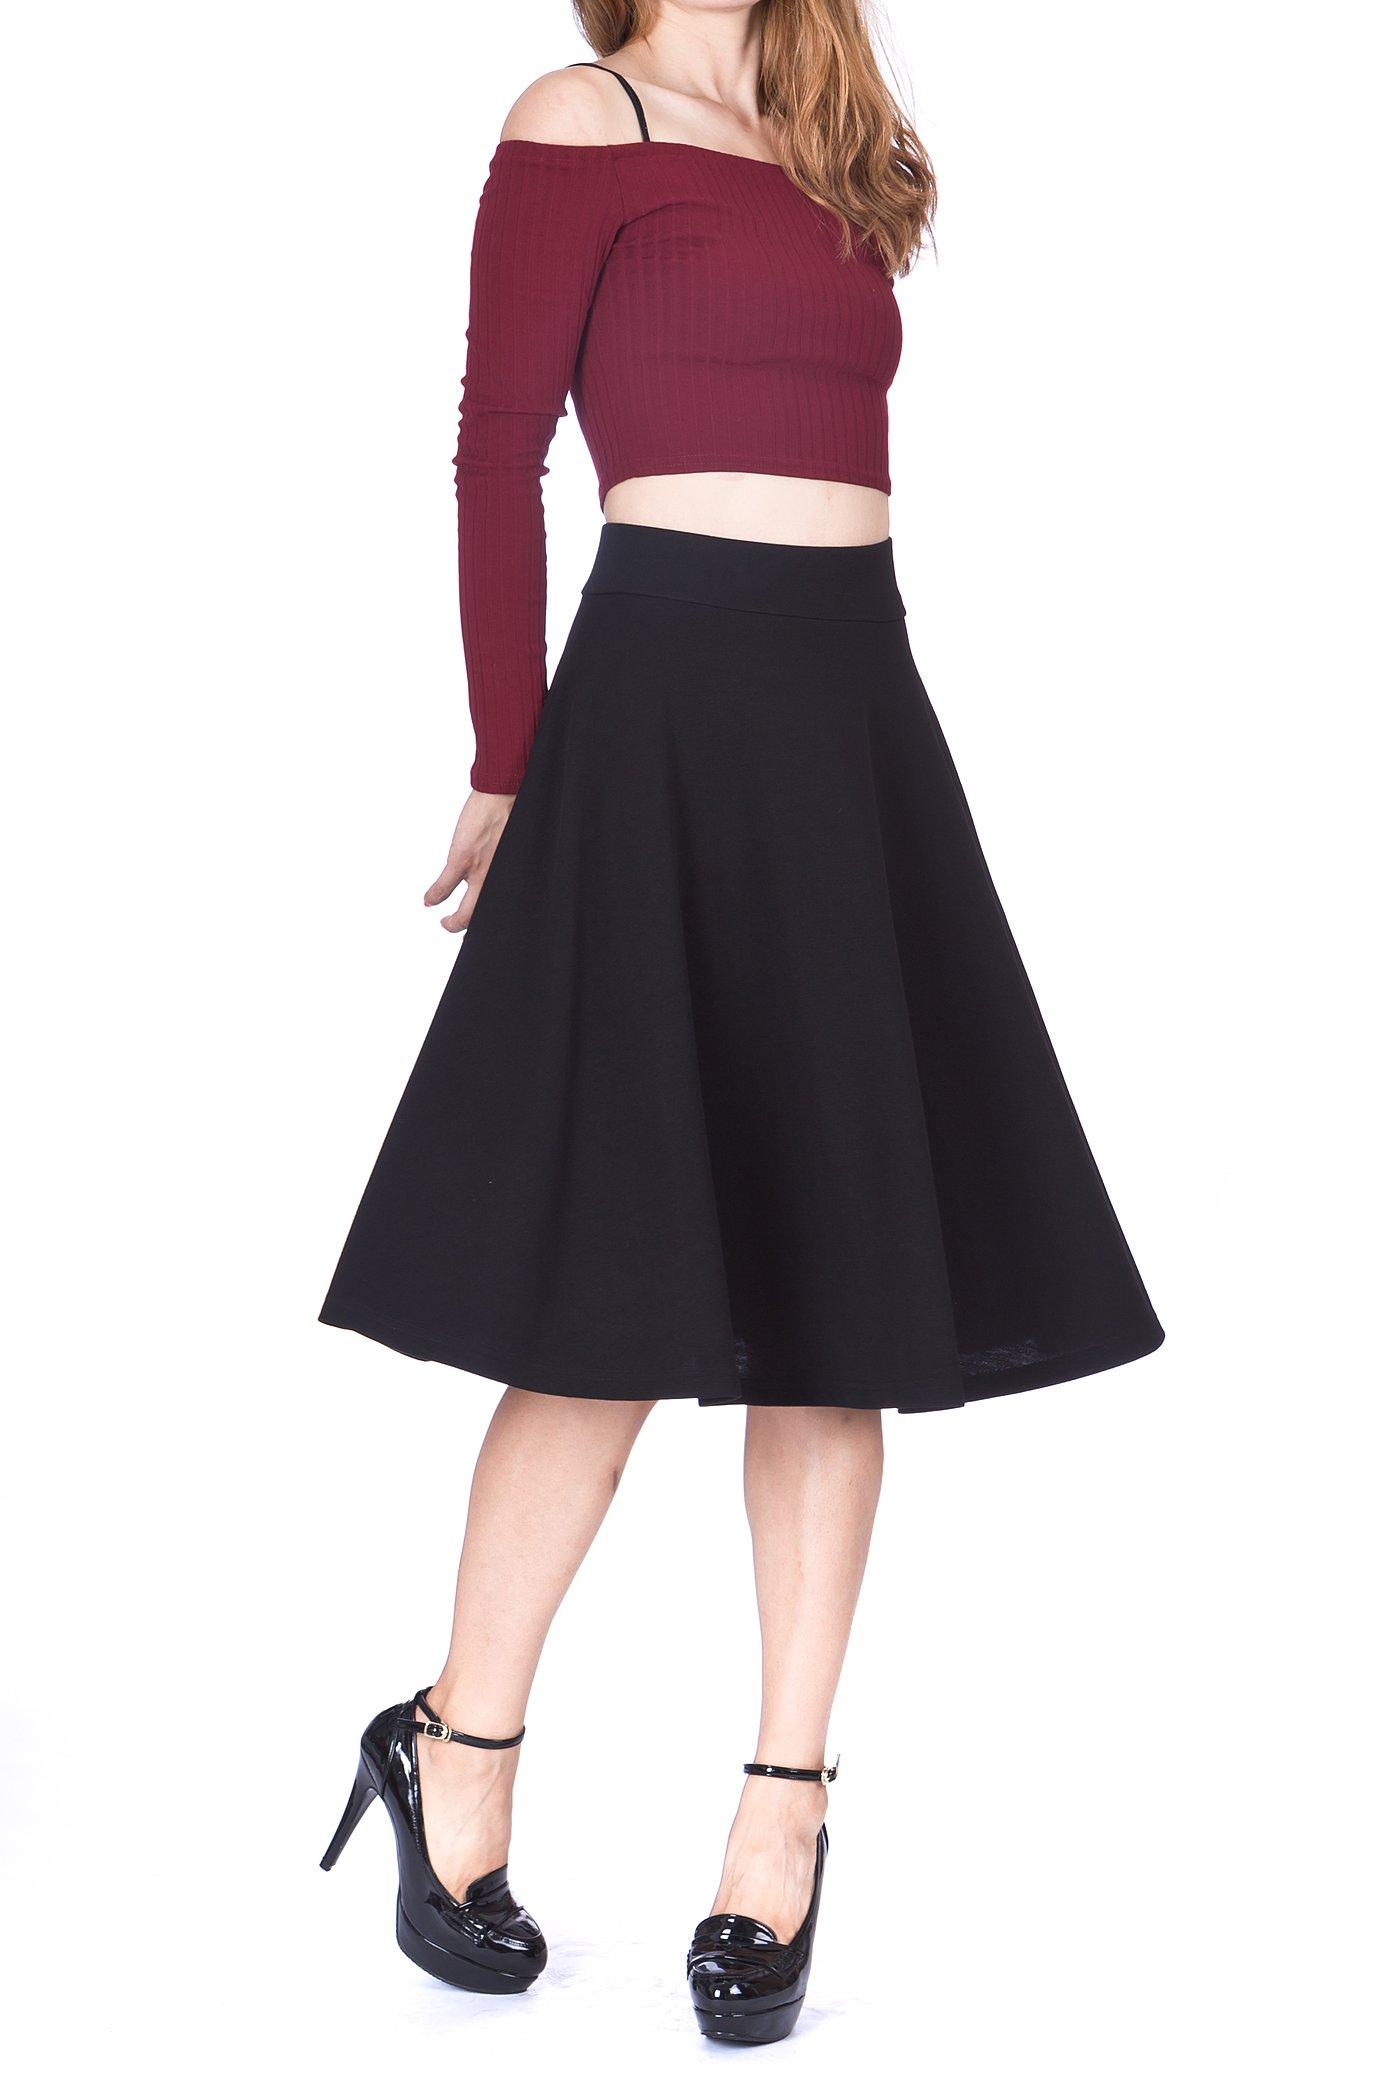 Feel The Retro Mood Wide High Waist A-Line Full Flared Swing Skater Midi Skirt (S, Black)